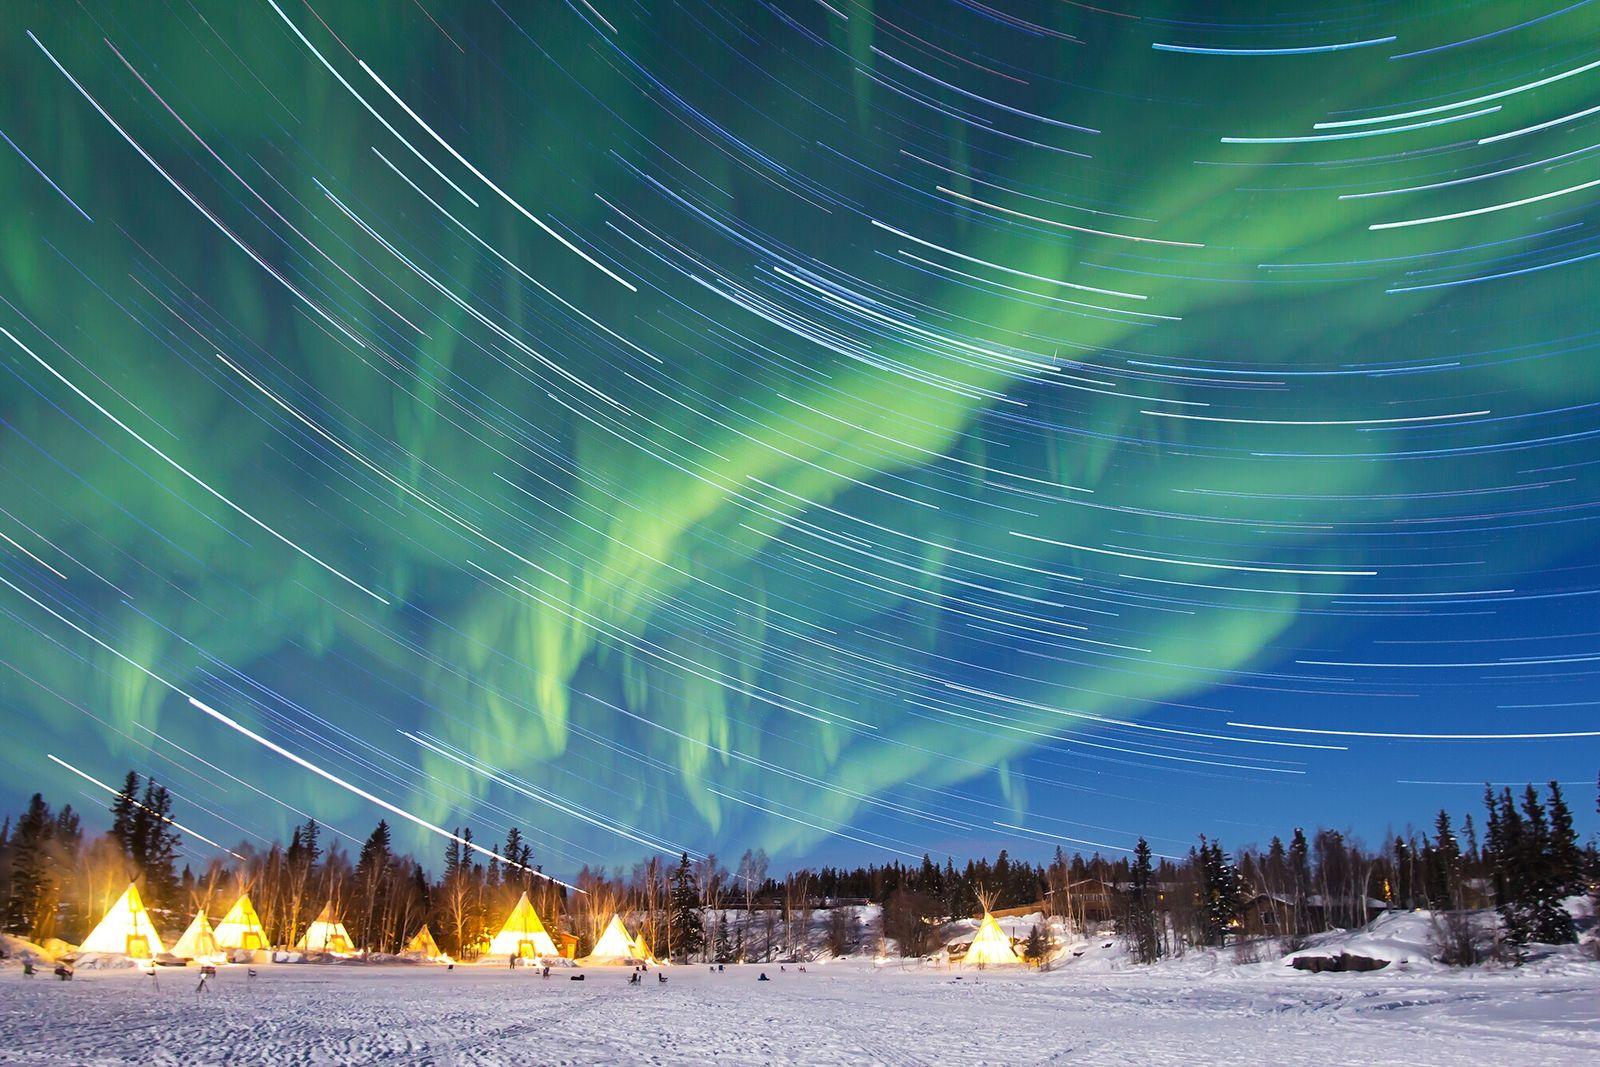 Yellowknife, Canadá | Aurora boreal sobre Yellowknife, a capital dos Territórios do Noroeste do Canadá.